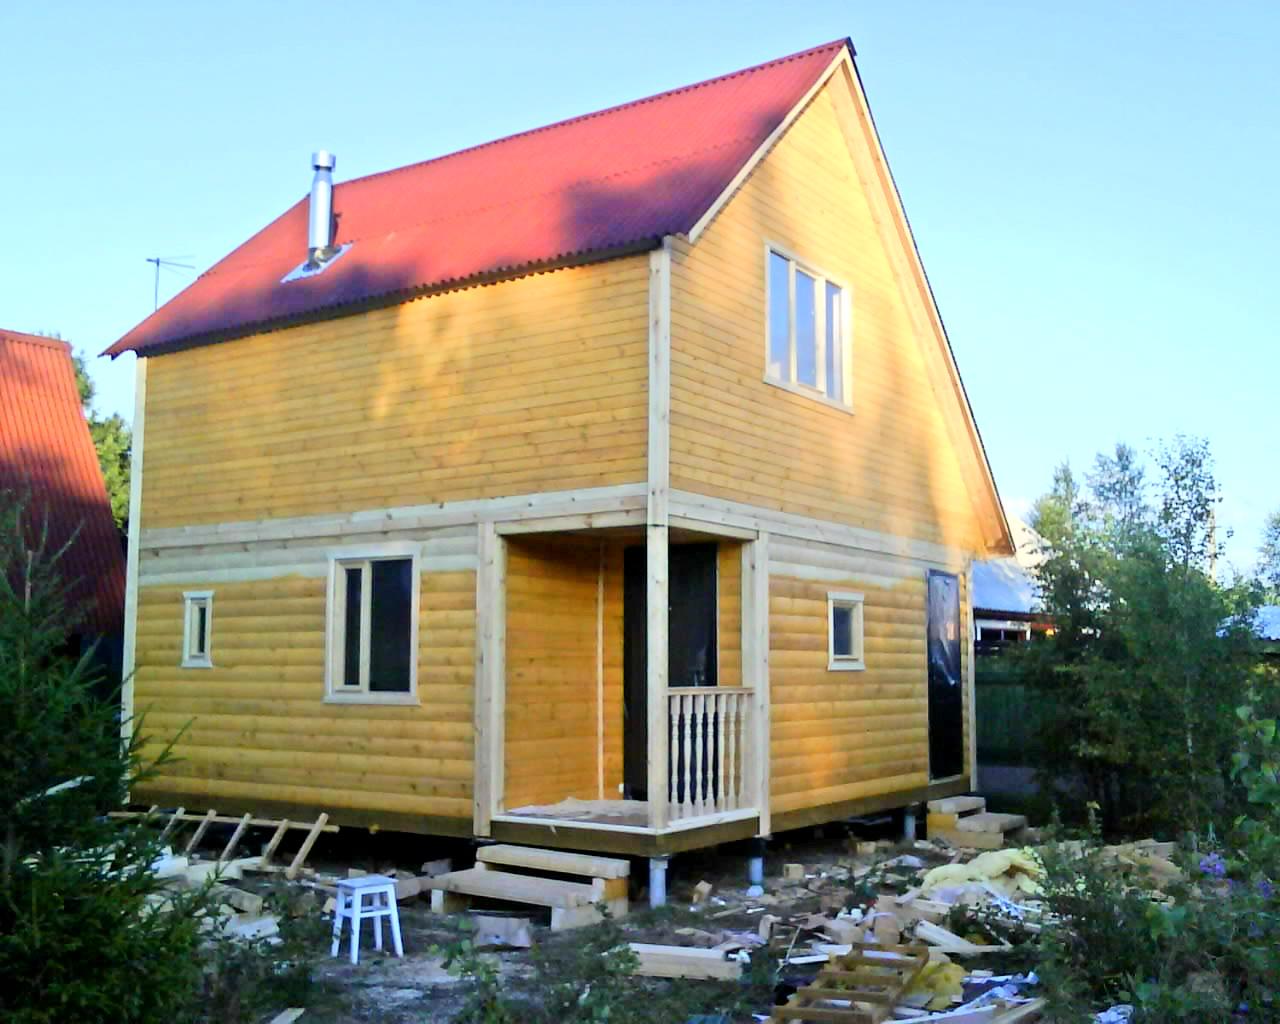 Как выбрать проект будущего дома или что нужно сделать для того чтобы заказать его строительство